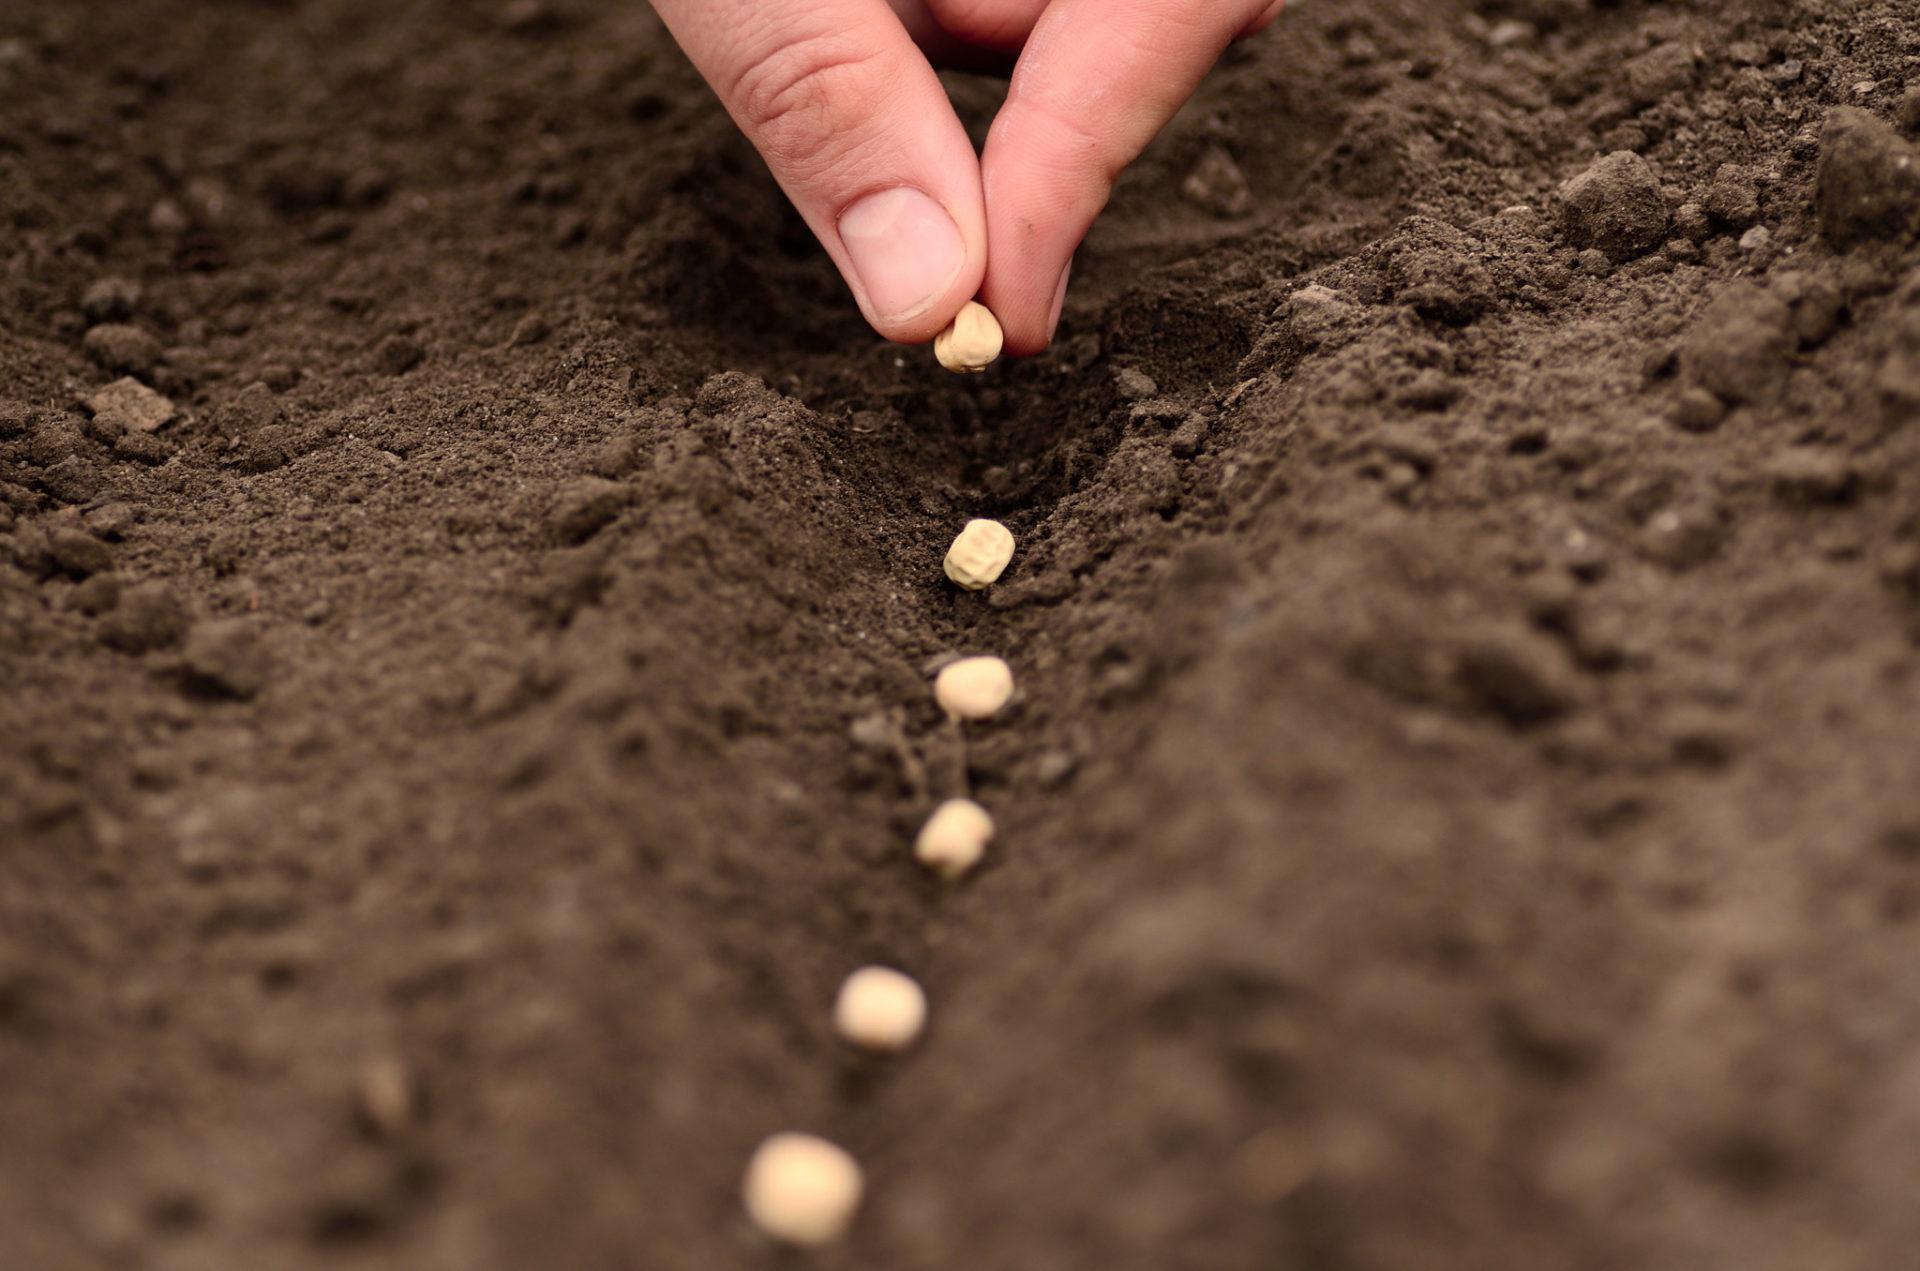 Пастернак: выращивание из семян на огороде, сорта